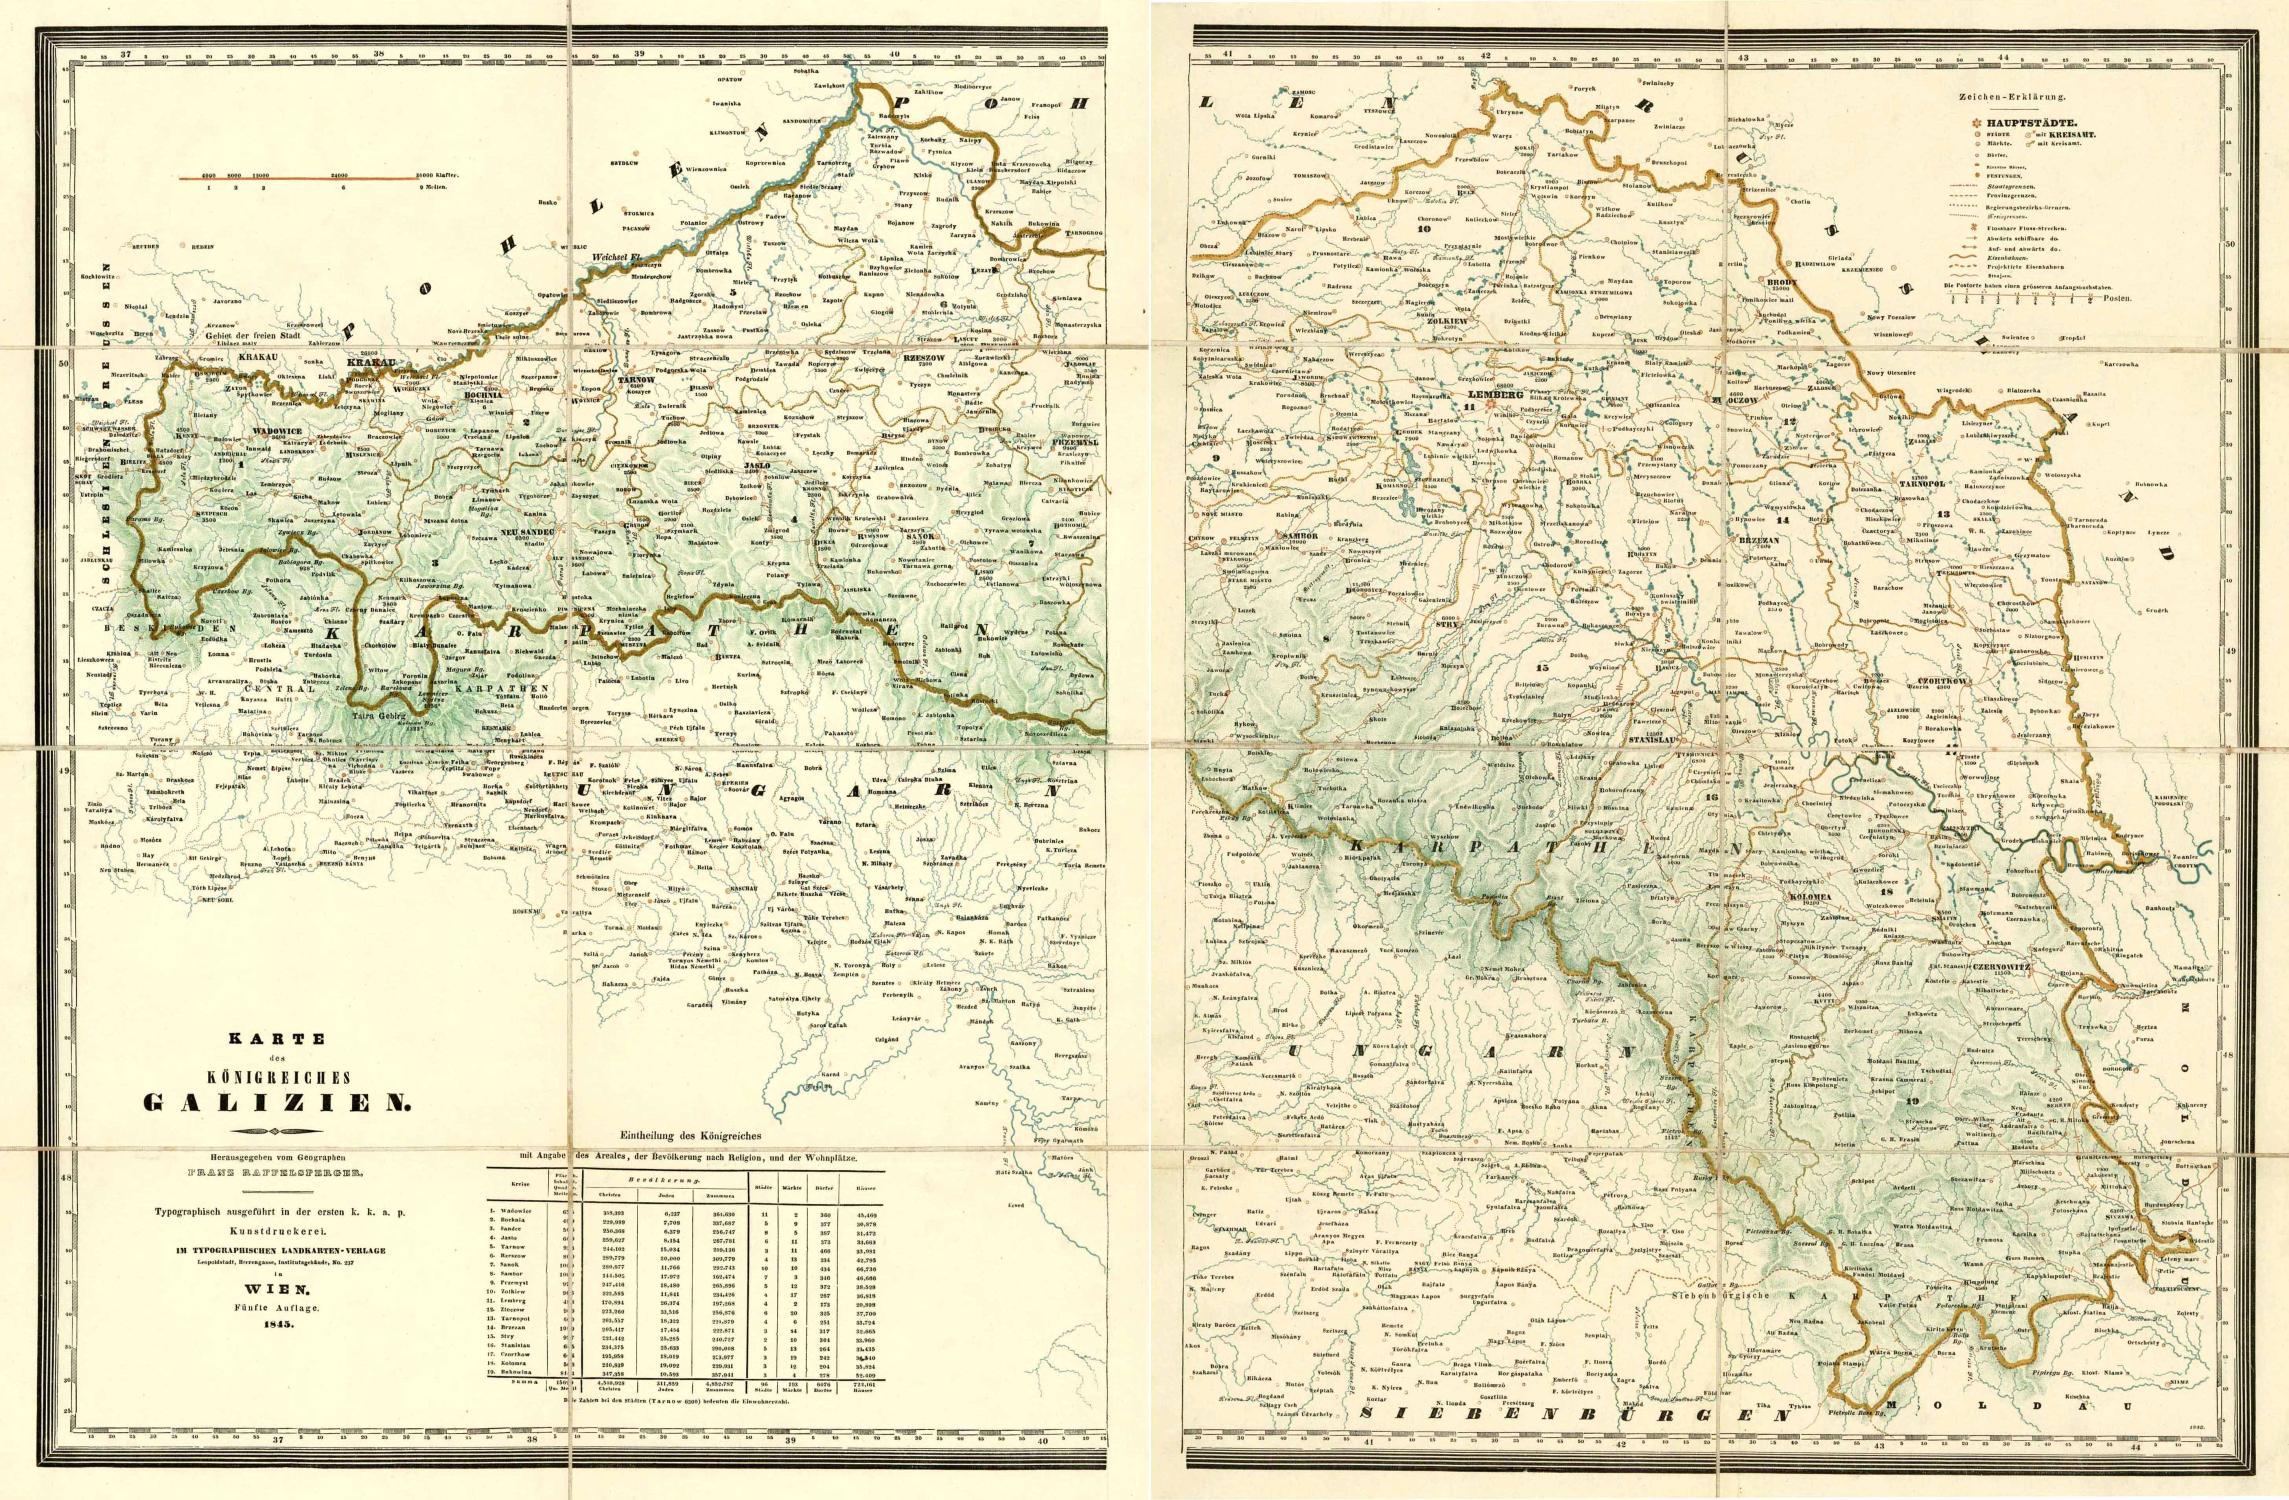 Galizien Karte.Karte Des Königreiches Galizien